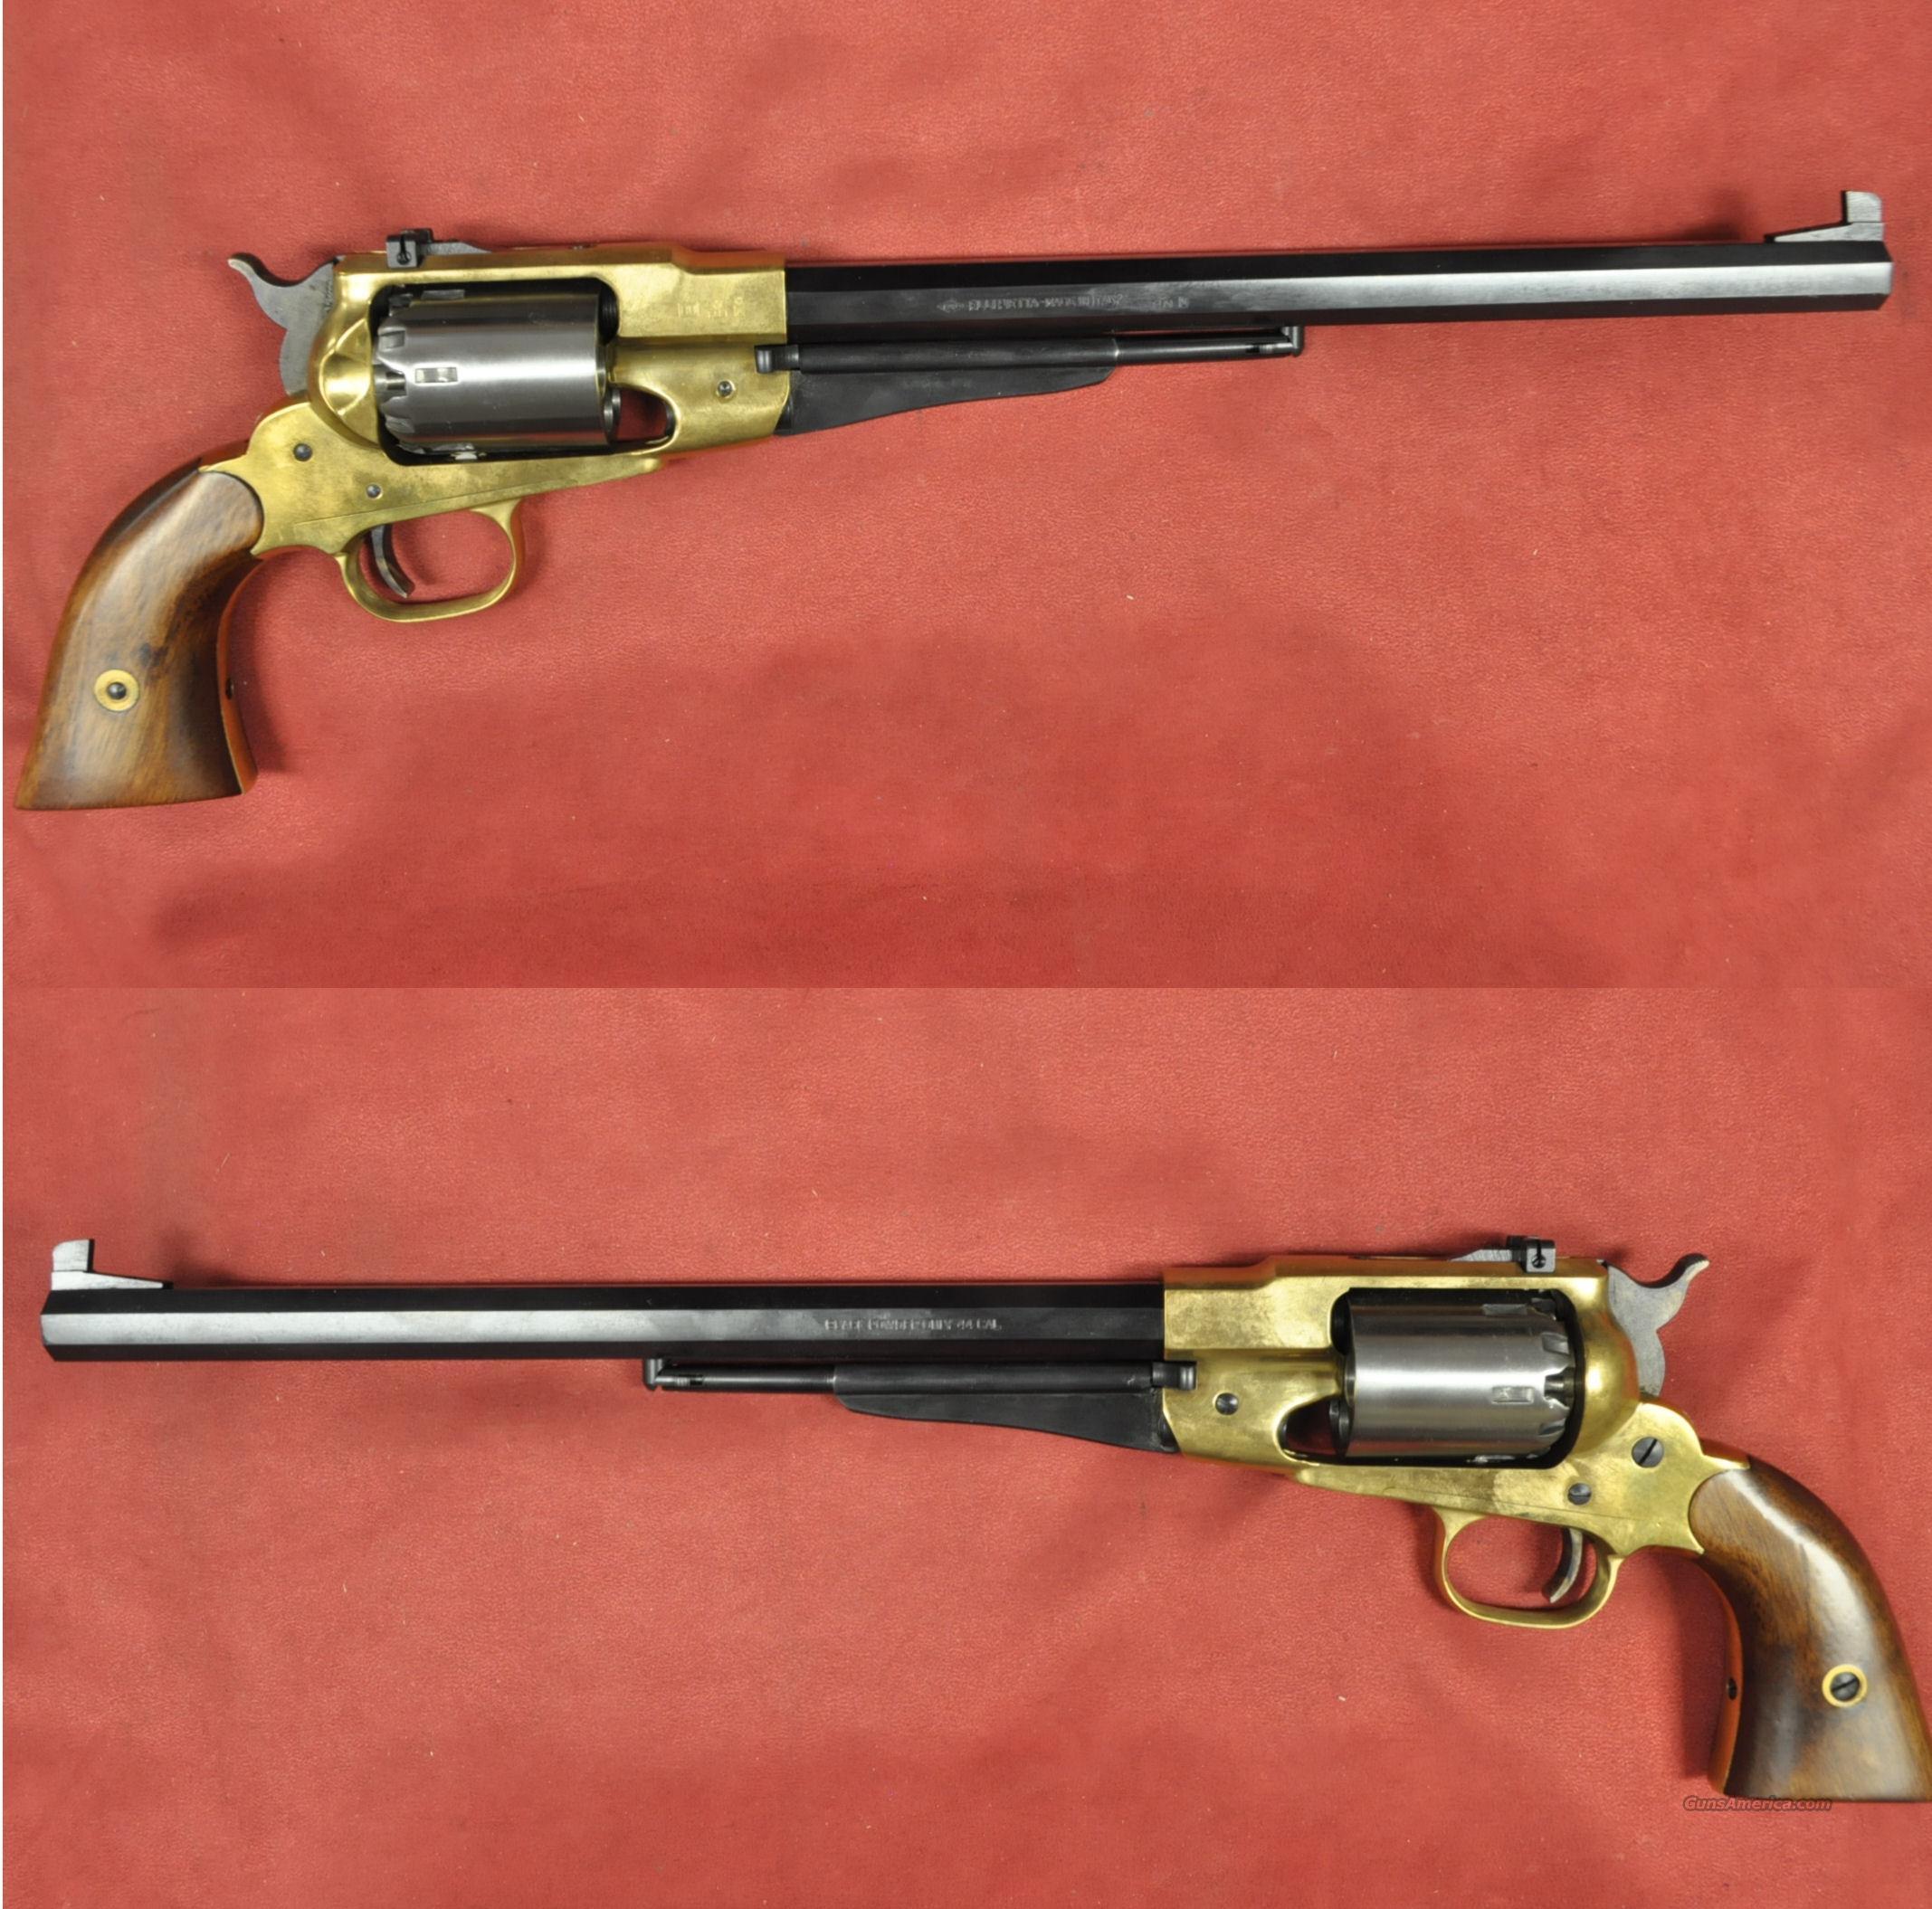 Pietta Model 1858 44 Cal Revolver *MUST CALL* for sale